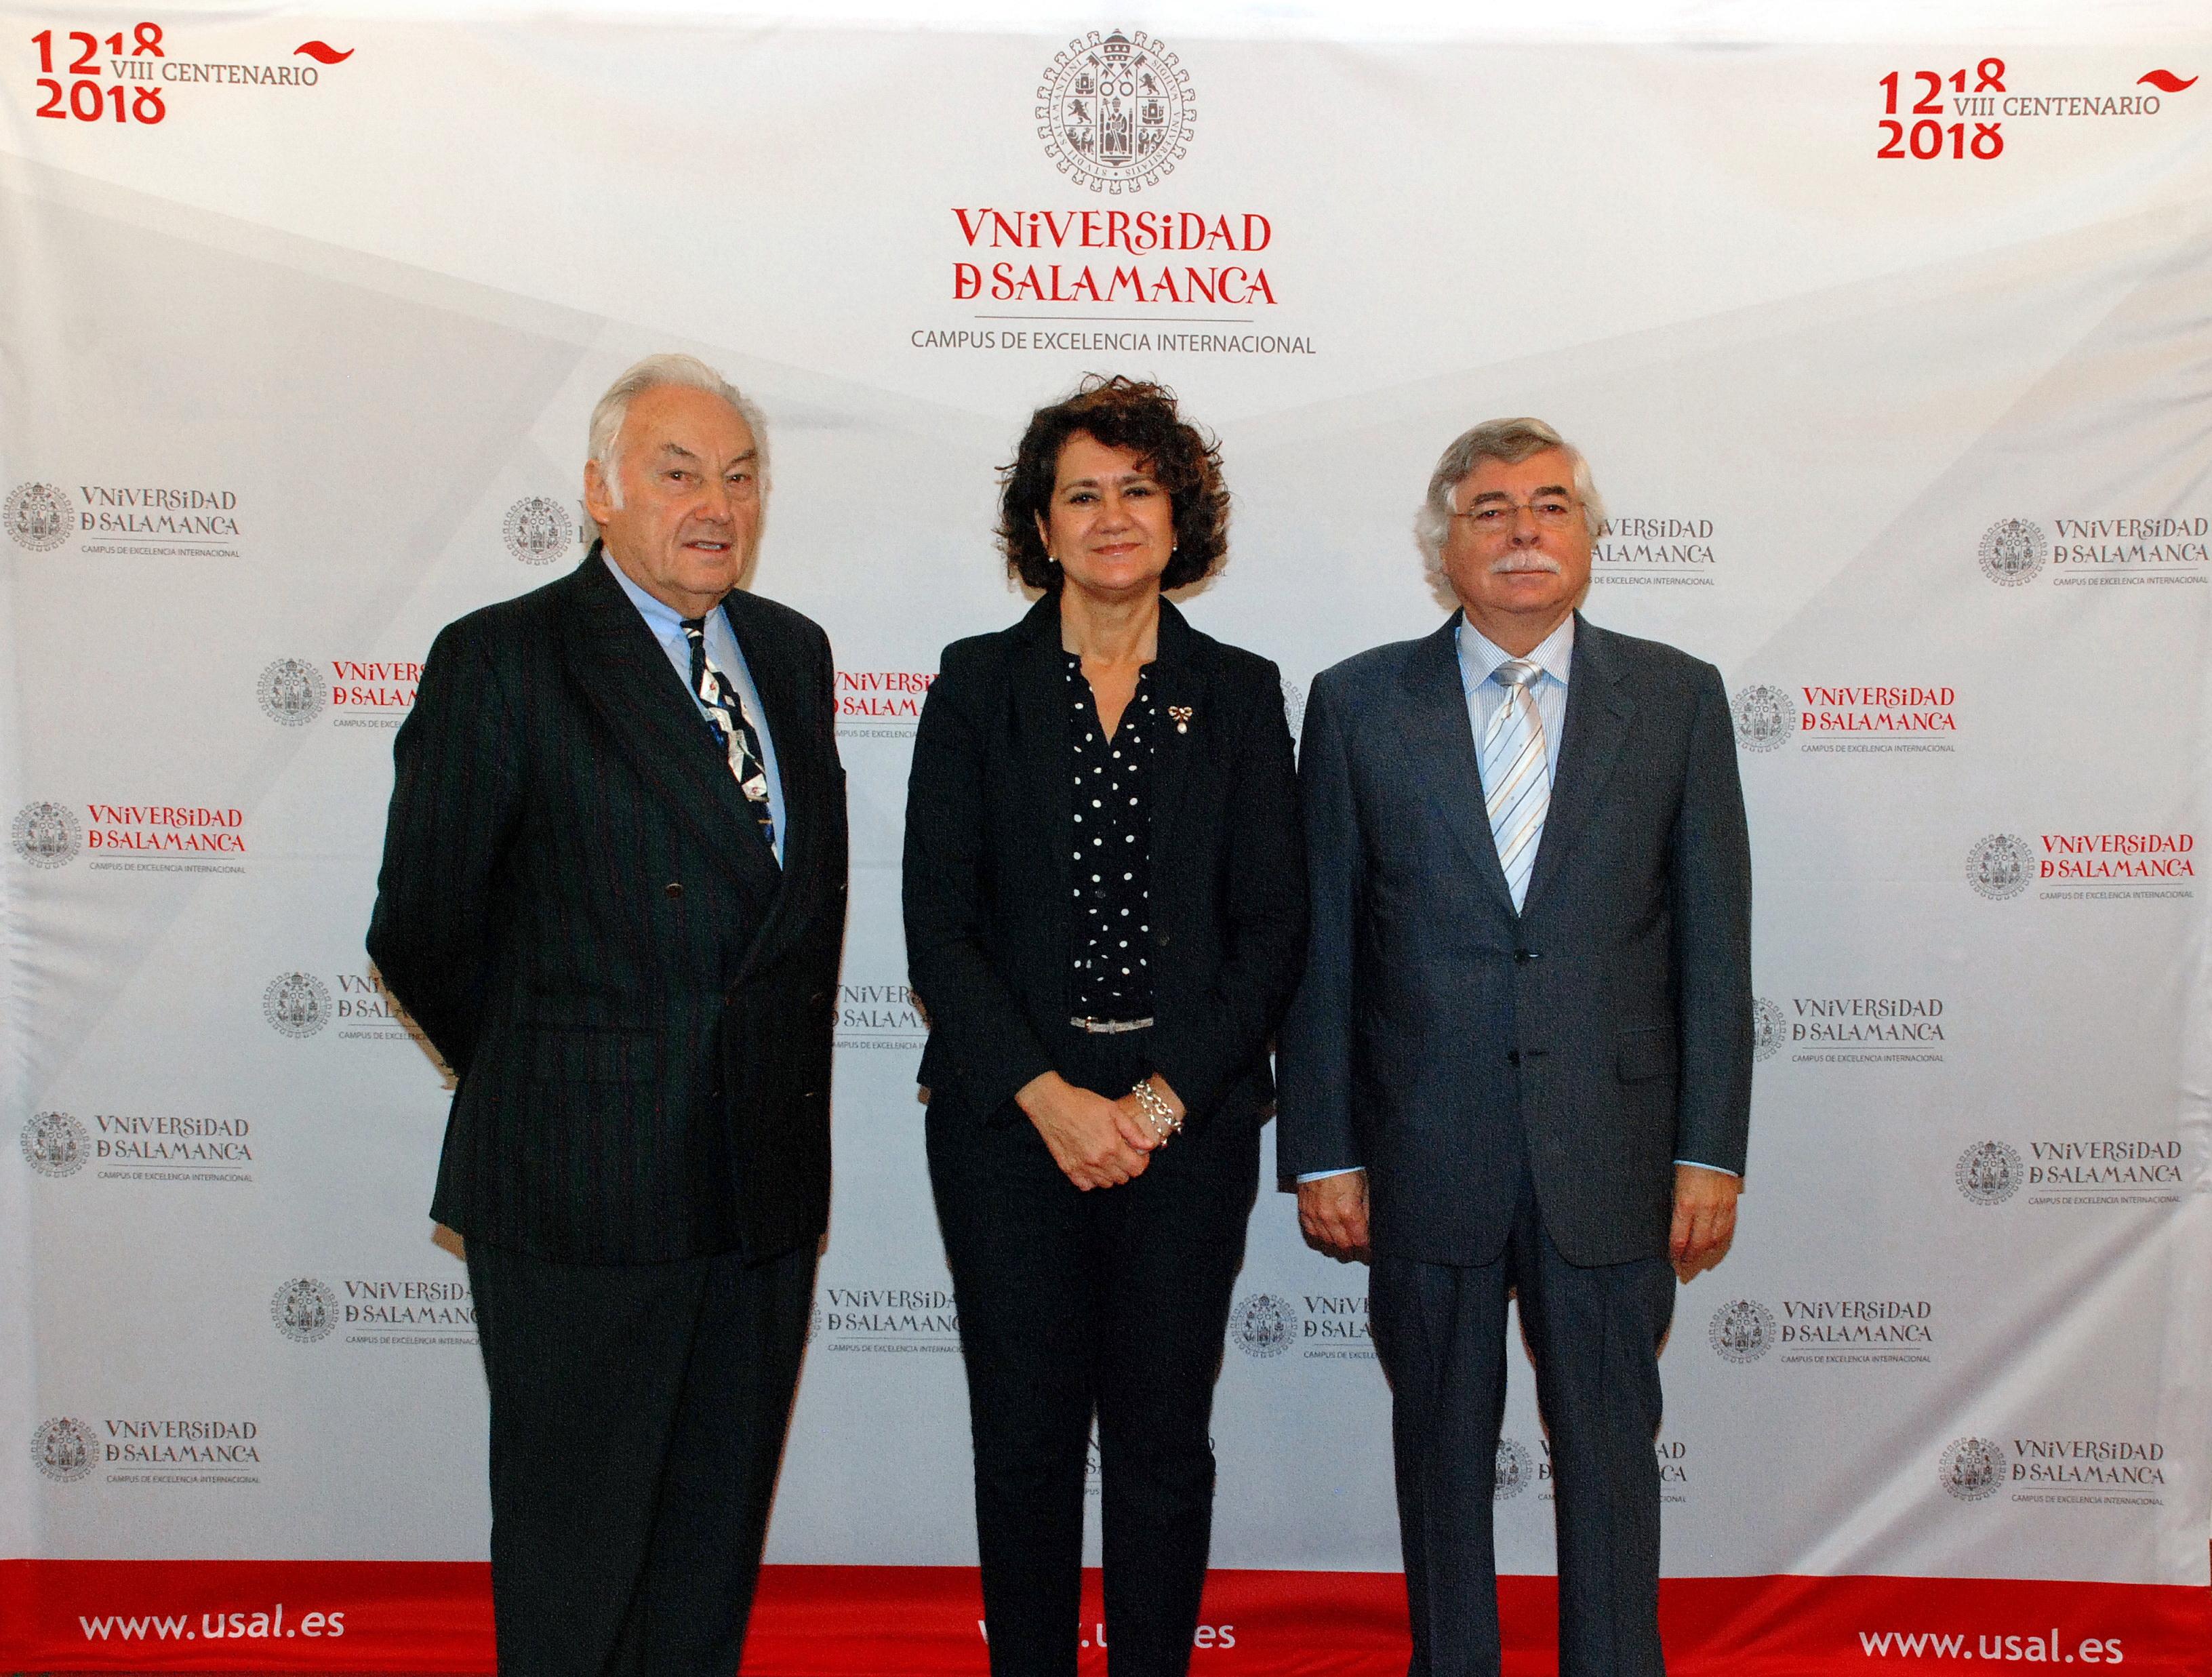 La Fundación Vista Linda lanza la beca 'VIII Centenario' para promocionar la Universidad de Salamanca a través de la docencia y la investigación